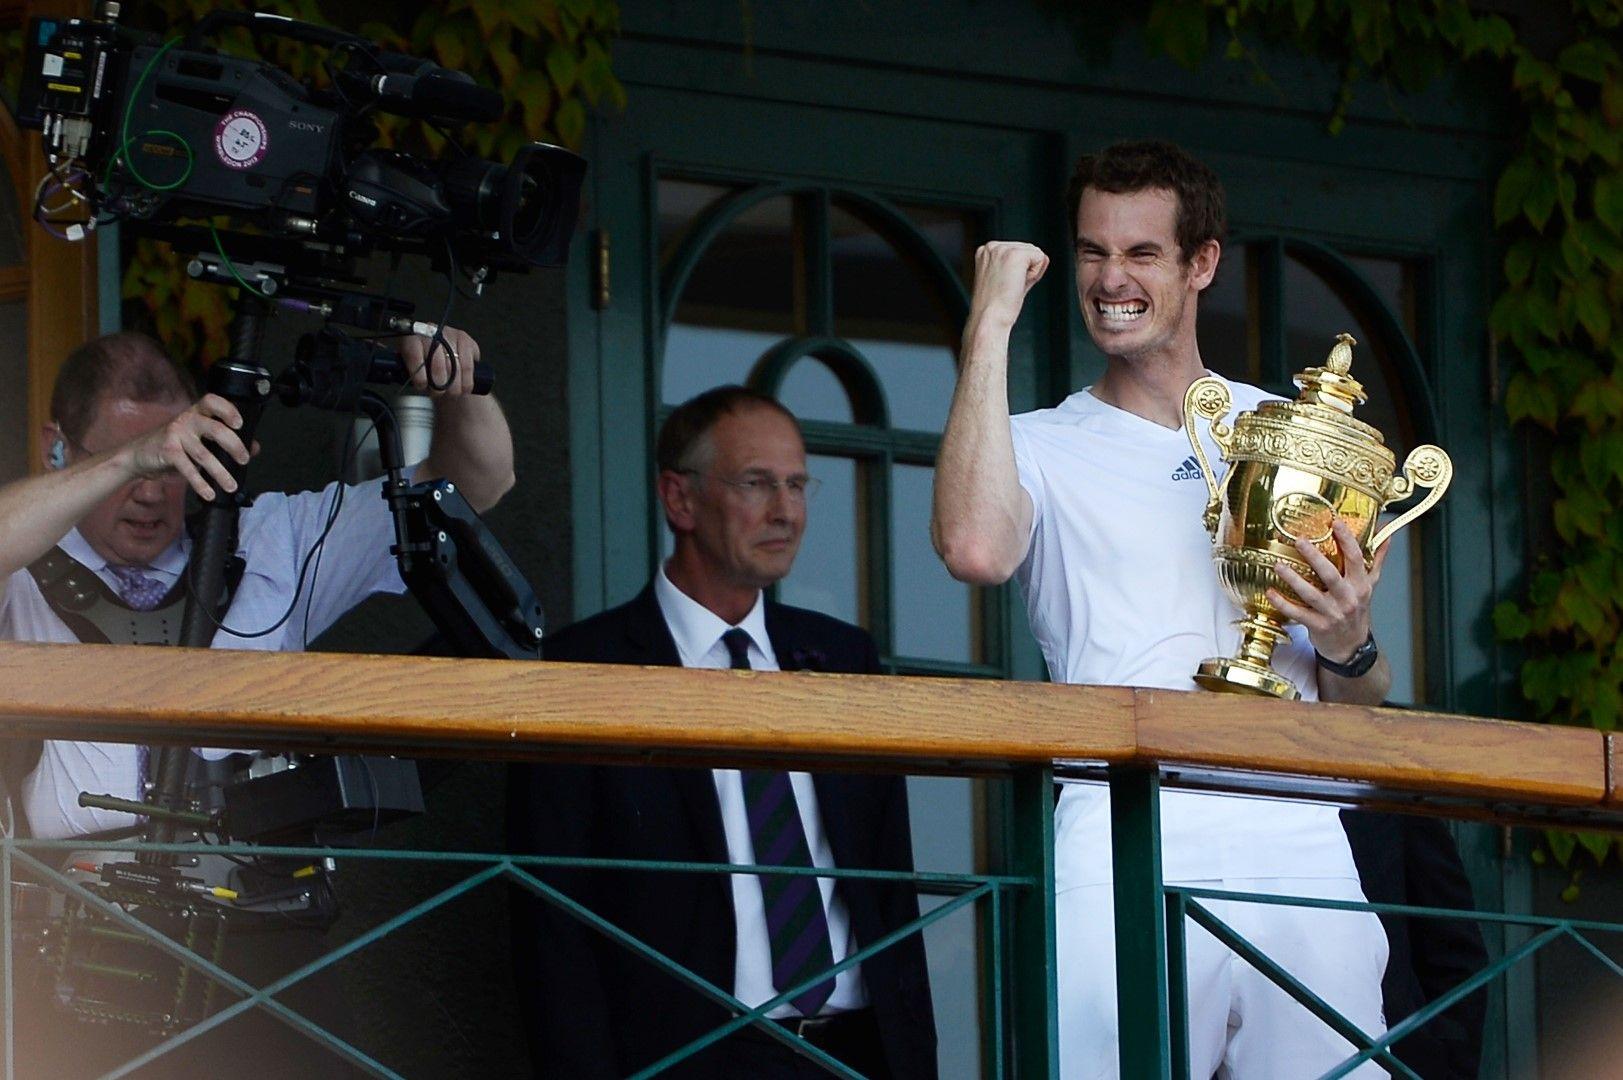 2013 г. Дългото чакане за британците приключи и Анди Мъри е Шампион след триумф над Джокович. Три години по-късно шотландецът повтори триумфа